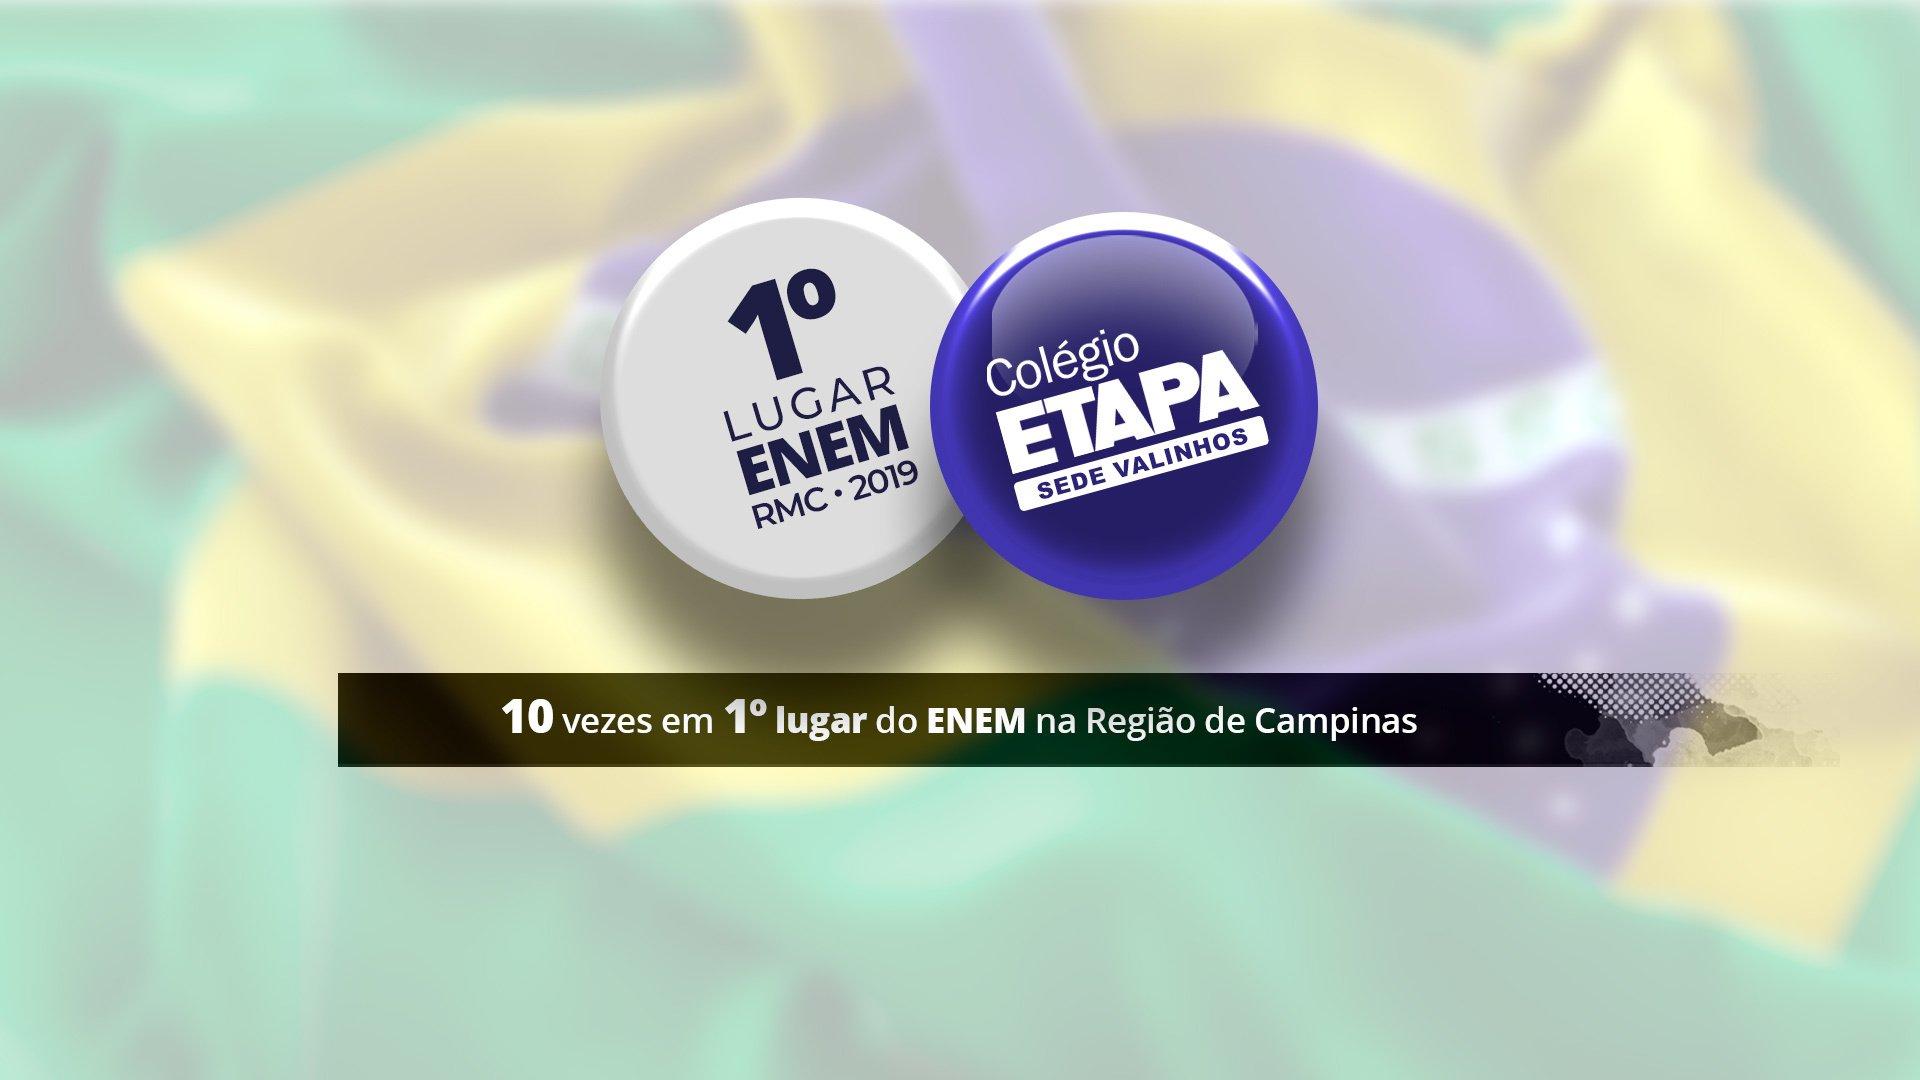 O Colégio Etapa Valinhos também é destaque do Enem 2019